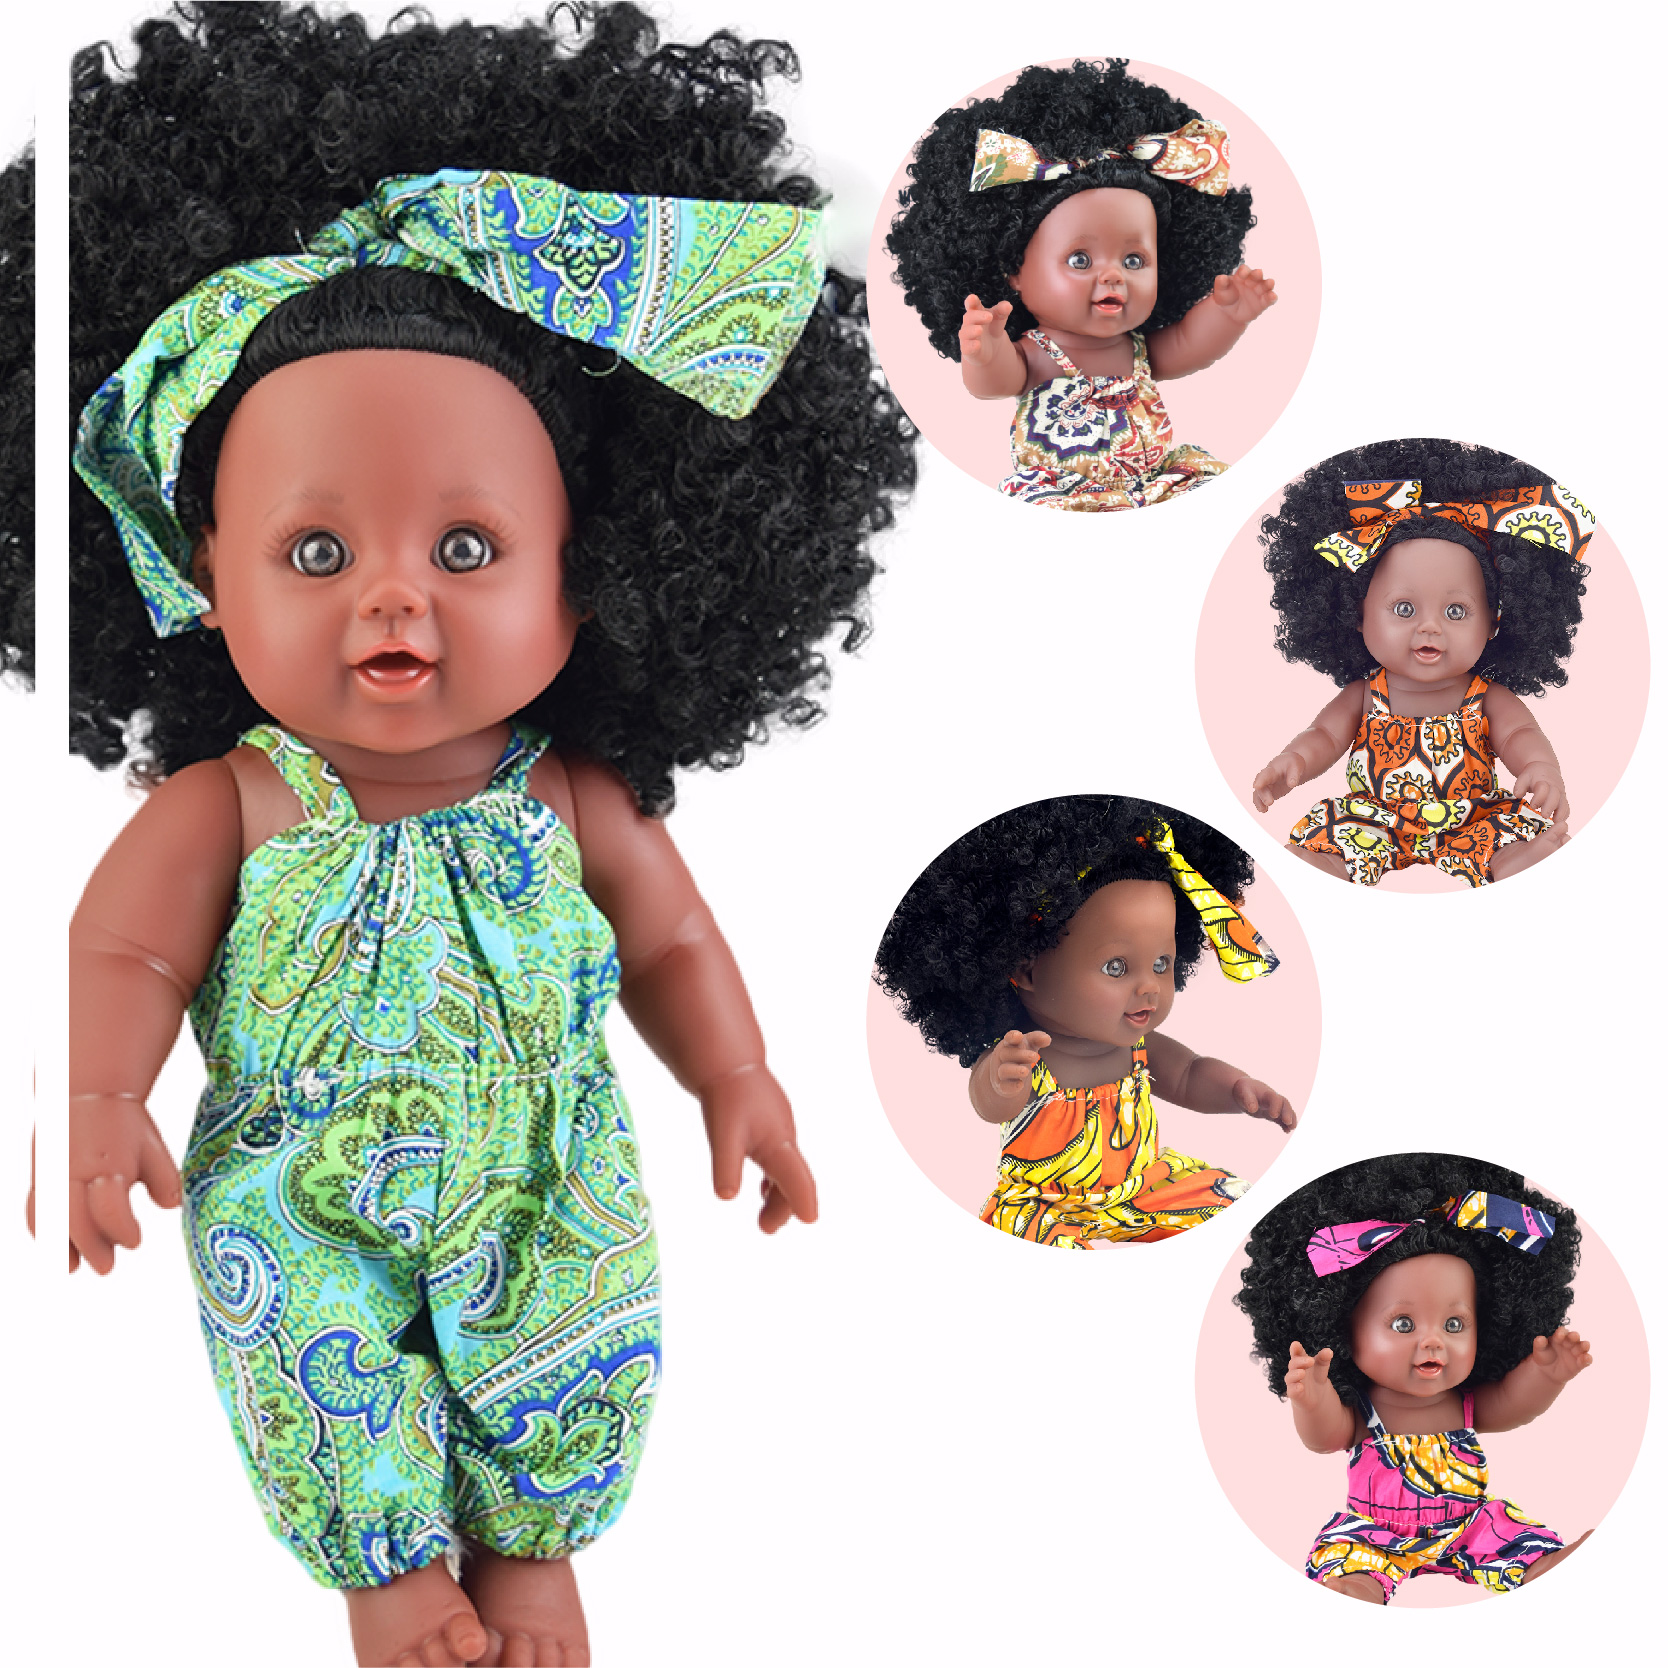 Black  Baby Dolls Pop Green African! 12inch  Lol Reborn Silicone Vinyl 30cm Newborn Poupee Boneca Baby Soft Toy Girl Kid Todder